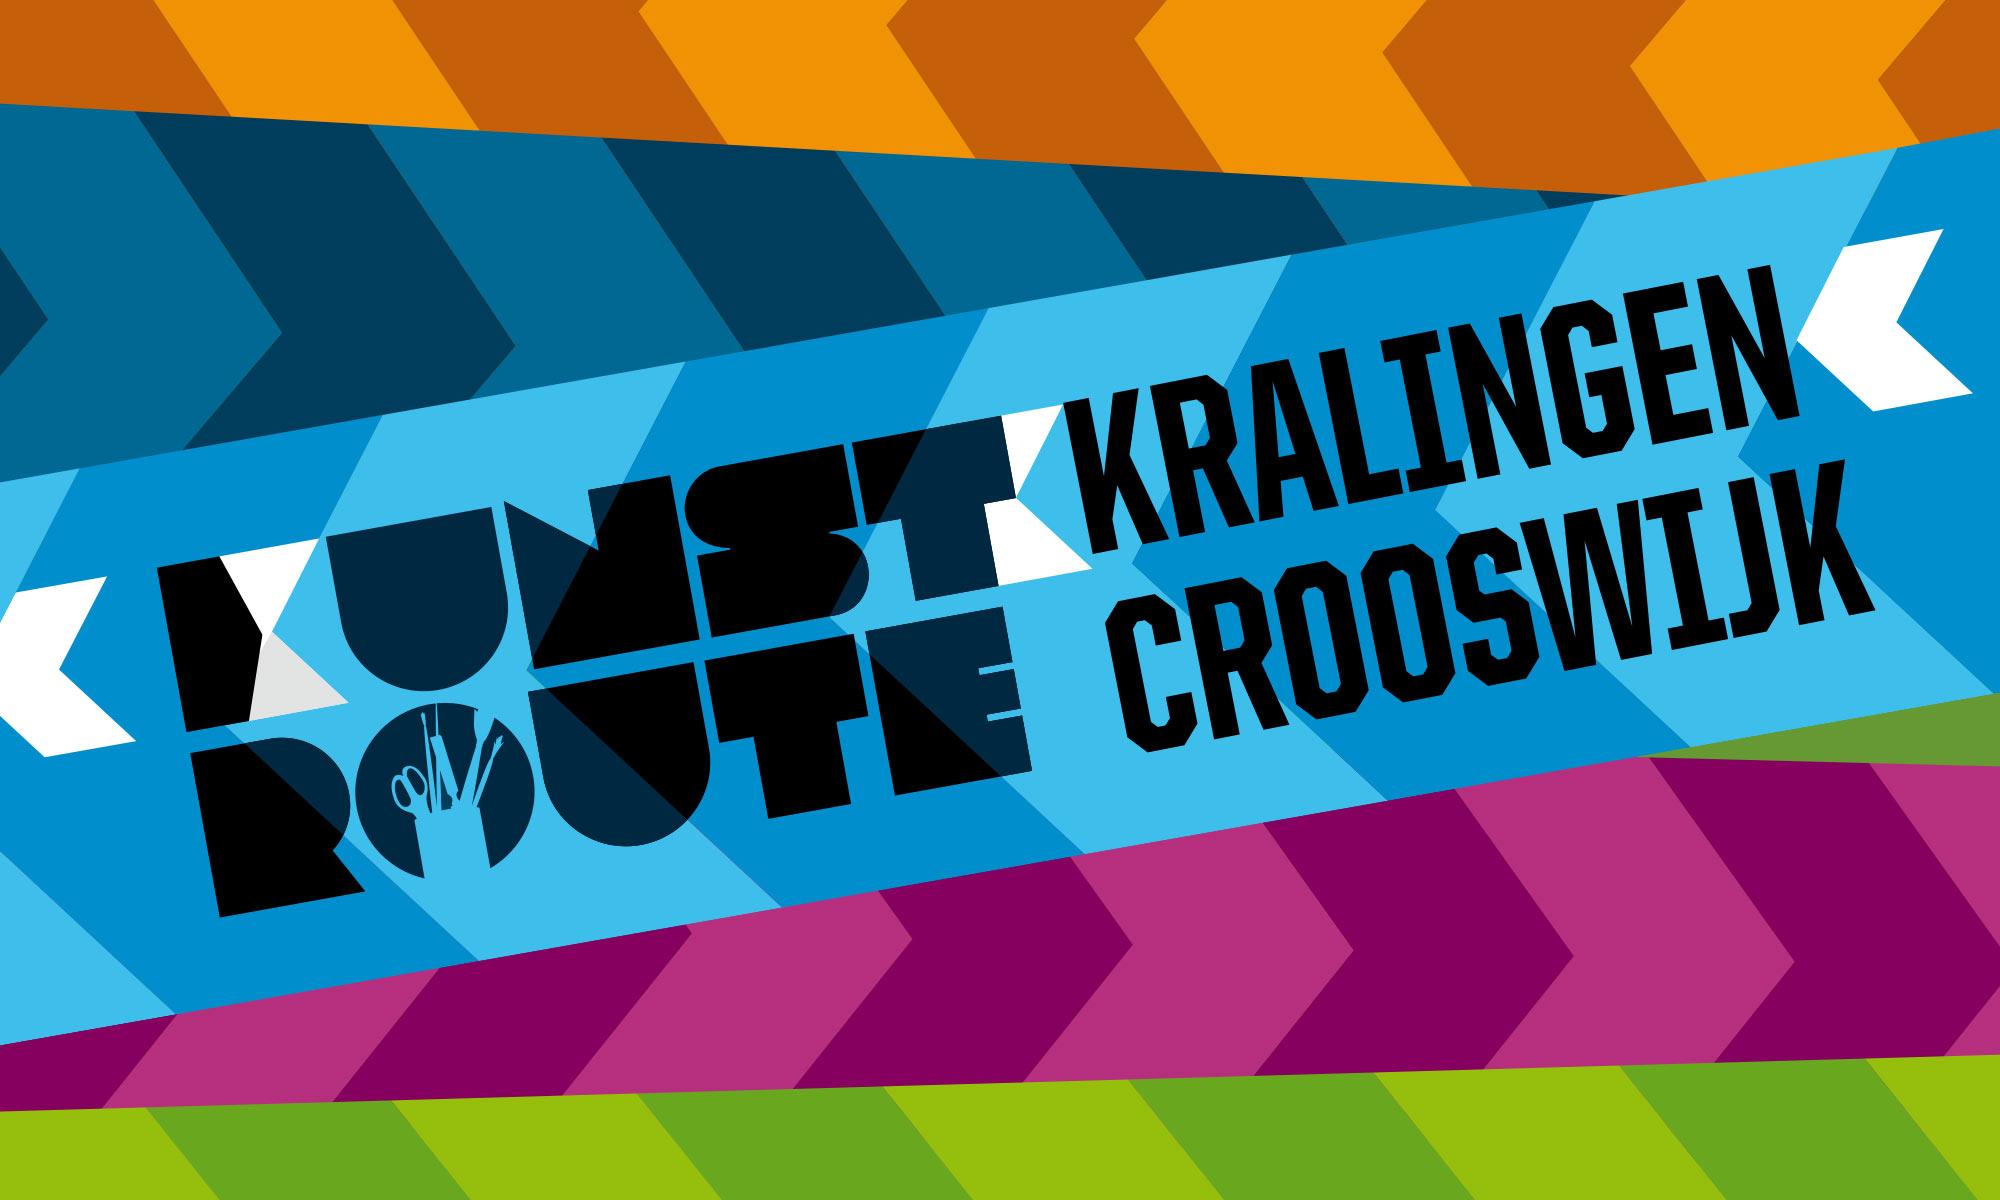 Kunstroute Kralingen Crooswijk